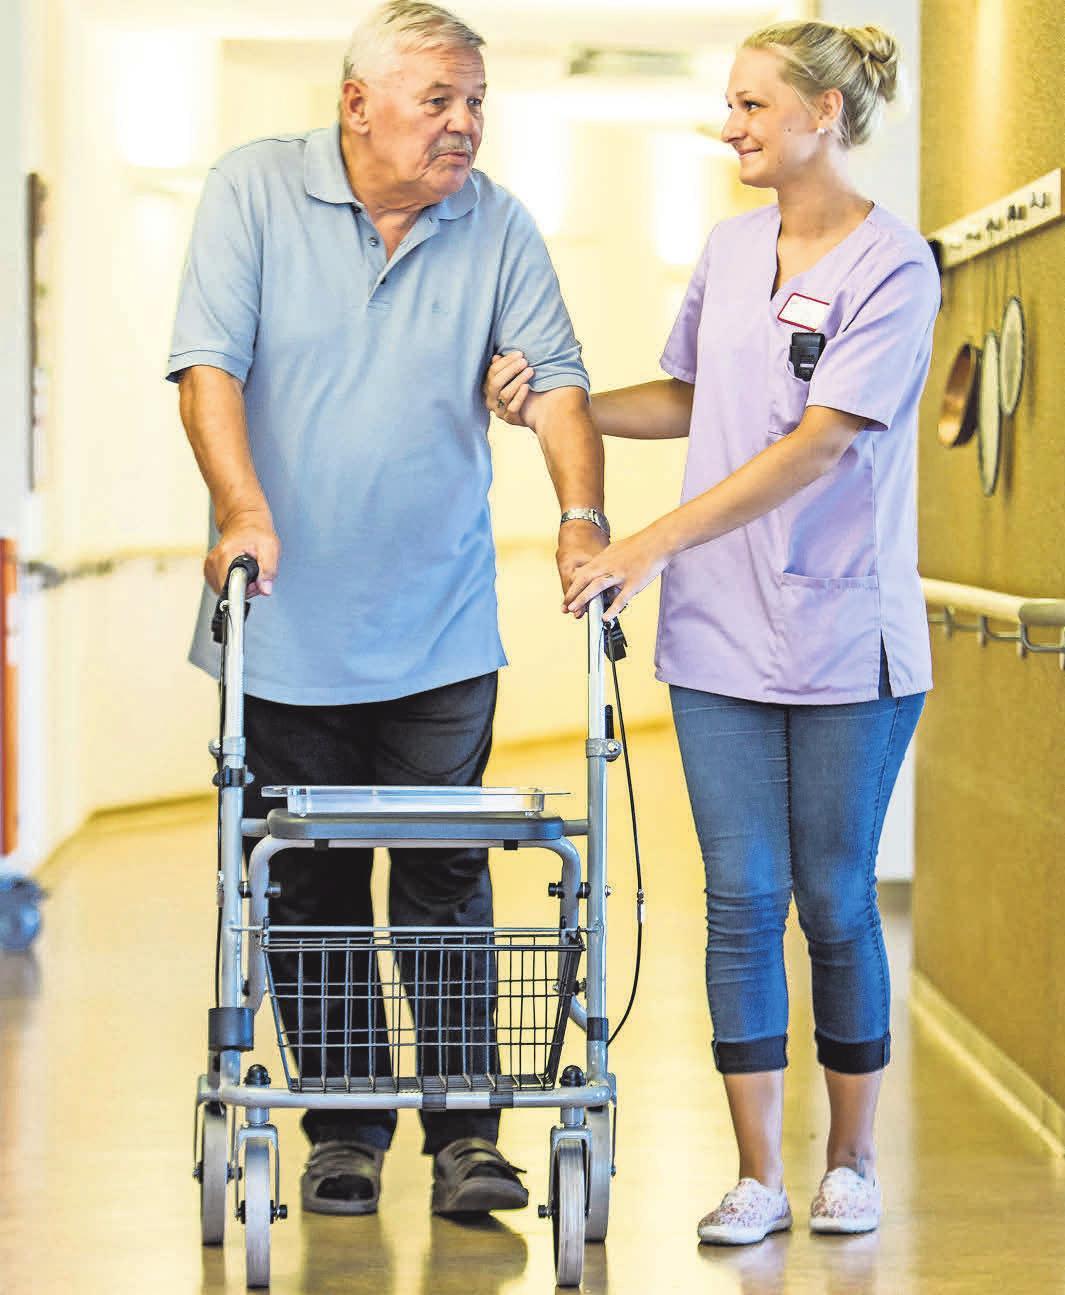 Eine Pflegerin begleitet einen Pflegebedürftigen im Pflegeheim.